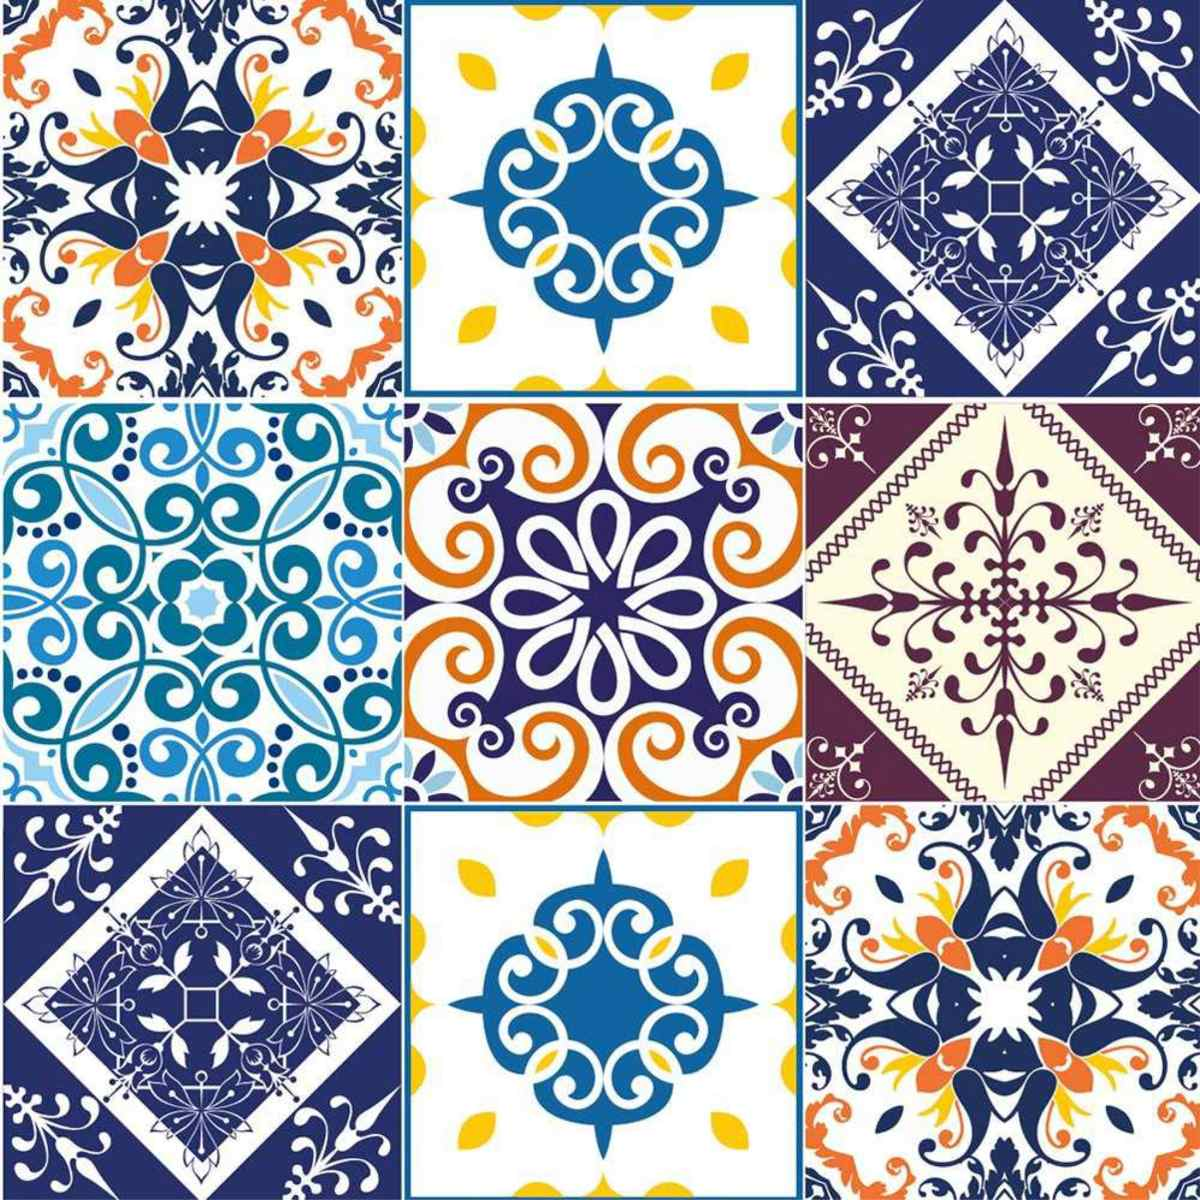 Adesivo Parede Cozinha Azulejo Português Mexicano Ladrilho R$ 19 99  #B0571B 1200x1200 Azulejo Banheiro Parede